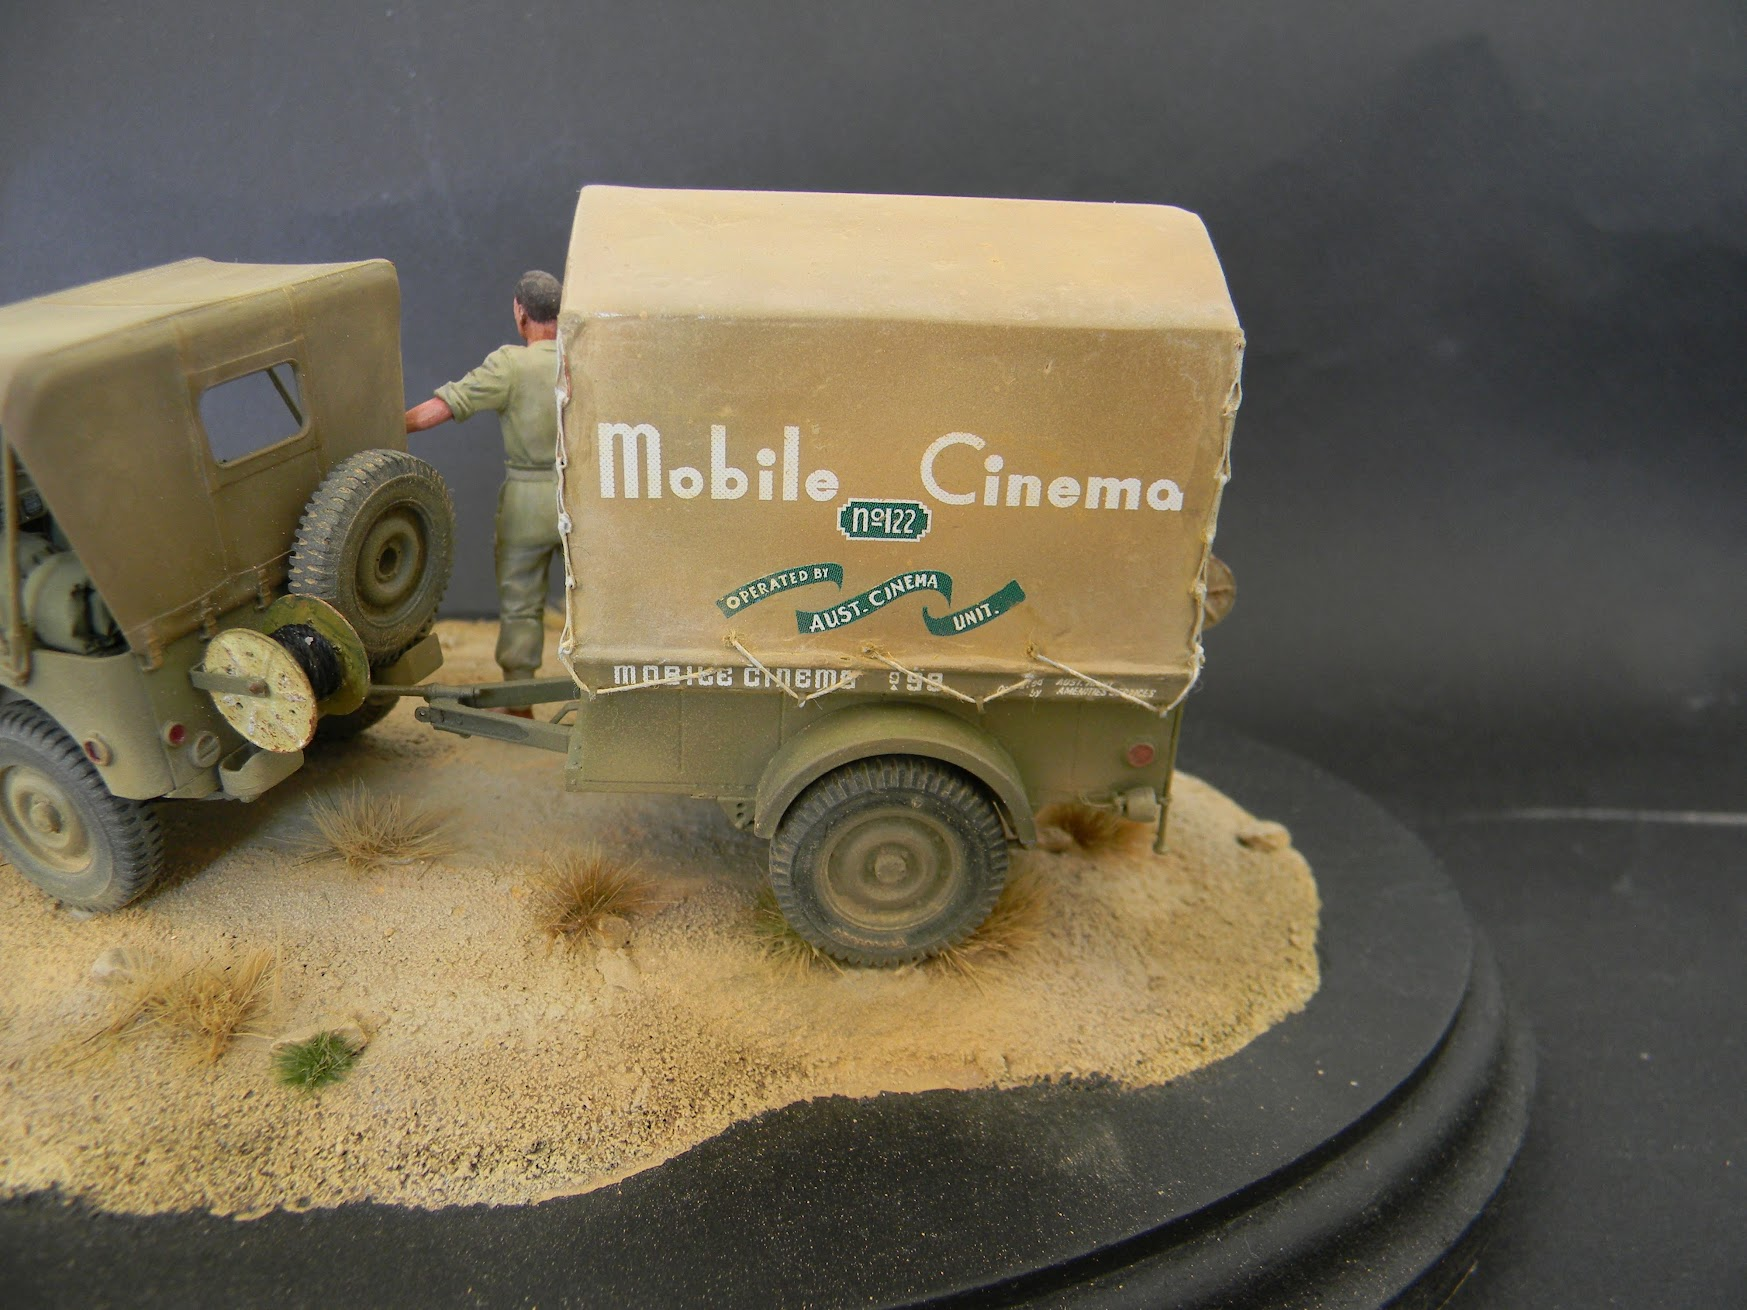 GPW 1942 Ford Bronco Model : revue de détail et montage - Page 6 JKS8hJebznw-v2icA6AO-XwMTaKsRl4XDPxTQ4CC0H6Z2UuR8SMiBhknjmYsQhbsHm85yzHrJ4yT3zoUp_YUG-Y1aRvEgXClFTRB2H8iidGTh6K8TYHDznemCwwmXvdzkSep2sZQj9-kqDWXNsMb4yOcFoXPPK11LOTqXiW4SLhOxji8Z83dzErKfOJGR8yFaUuDUWmMGnuWLlyF_-Z4guC2pEcS06orHa7x4QMtcMxFDaW7V9FyxG7UgpGWXcyKPilMHc7rSHVaE2mXhzb4weEfG56magqTQp1hC7FonJSpbqAUJN1q5dA4vws3cbtXDmCpQRkh5r8LpMmvkG0Q0LAKpbfaEeyYW7CUPQWNSUbothsYqyADC1VLi1mT9vETU9YRhI1YMKU7Az23YYcUe8qWk3GKq-LZXs68_VeDZNfBu9sj_QP_oDR7JaUoisCRdWZB9Ev8kotuAgY6IJAK9Ikjaz2zHeIGPiJJzsVWFfDLxN-6saDSrH2T4dyA5-UMZTcmf7fkyPvXjKqh-Rfonlw-nEUgyJQzC3y7nHLG7kkPHCyUUG--_UQbA7pV-uRzJYJYd7W__ki36N6pBtaubm9ESRditq951LH-JHtsuzv30irV8T5XqaOpYFWEKsj3UzHIhWCcdcg20-uo842wwaSnRUs7gbNKRkGjrNYZSiyOEd0lgBp47cFIQQfZdbgq85w6qNyCHBTXdSwgPpO96IUFVzYIAJ7KrD-qYImao7miI1ttsmO174bZ=w1747-h1310-no